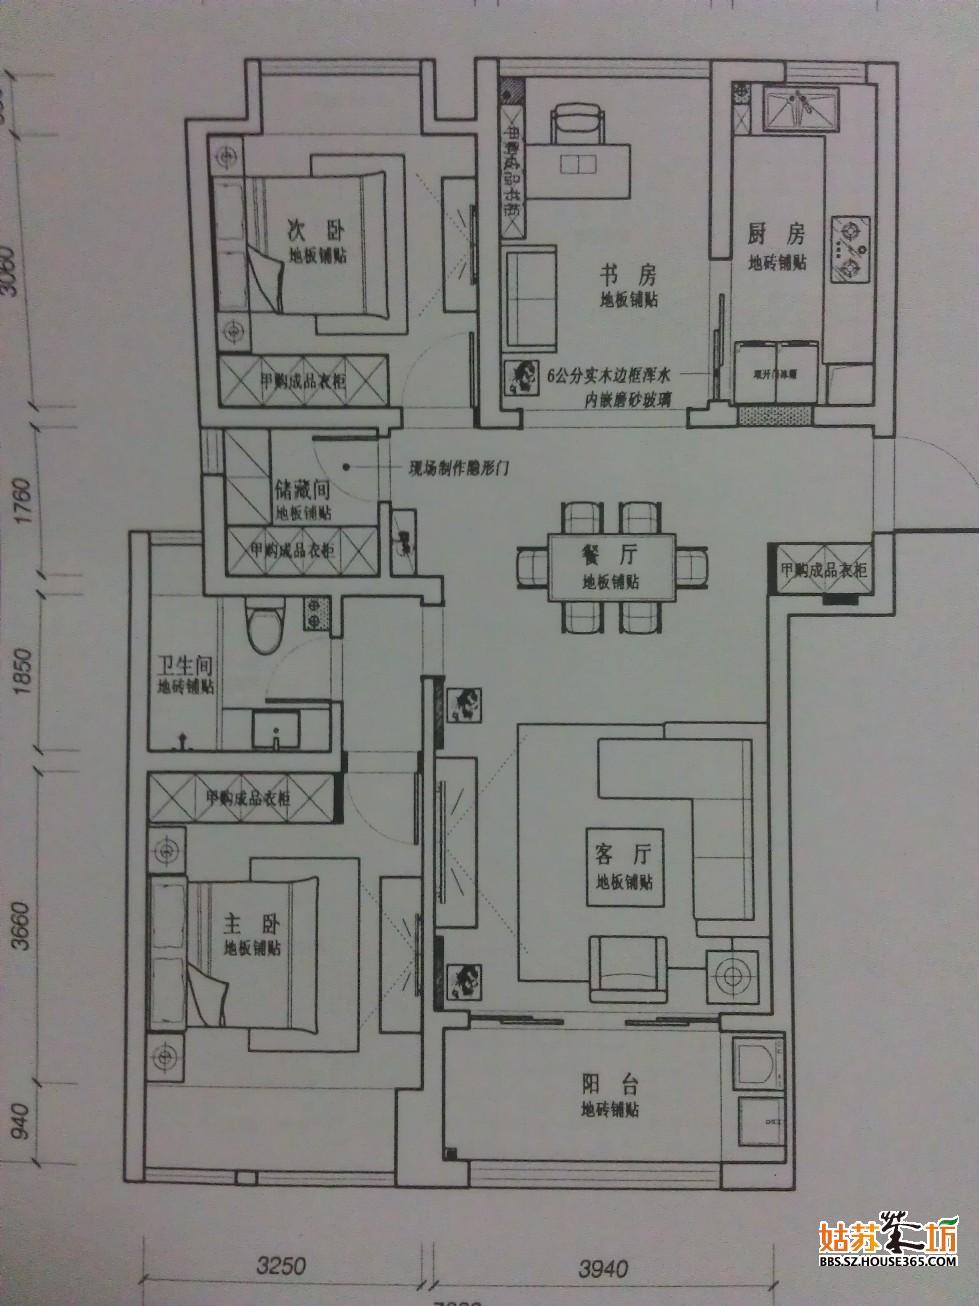 平面设计图&nbsp